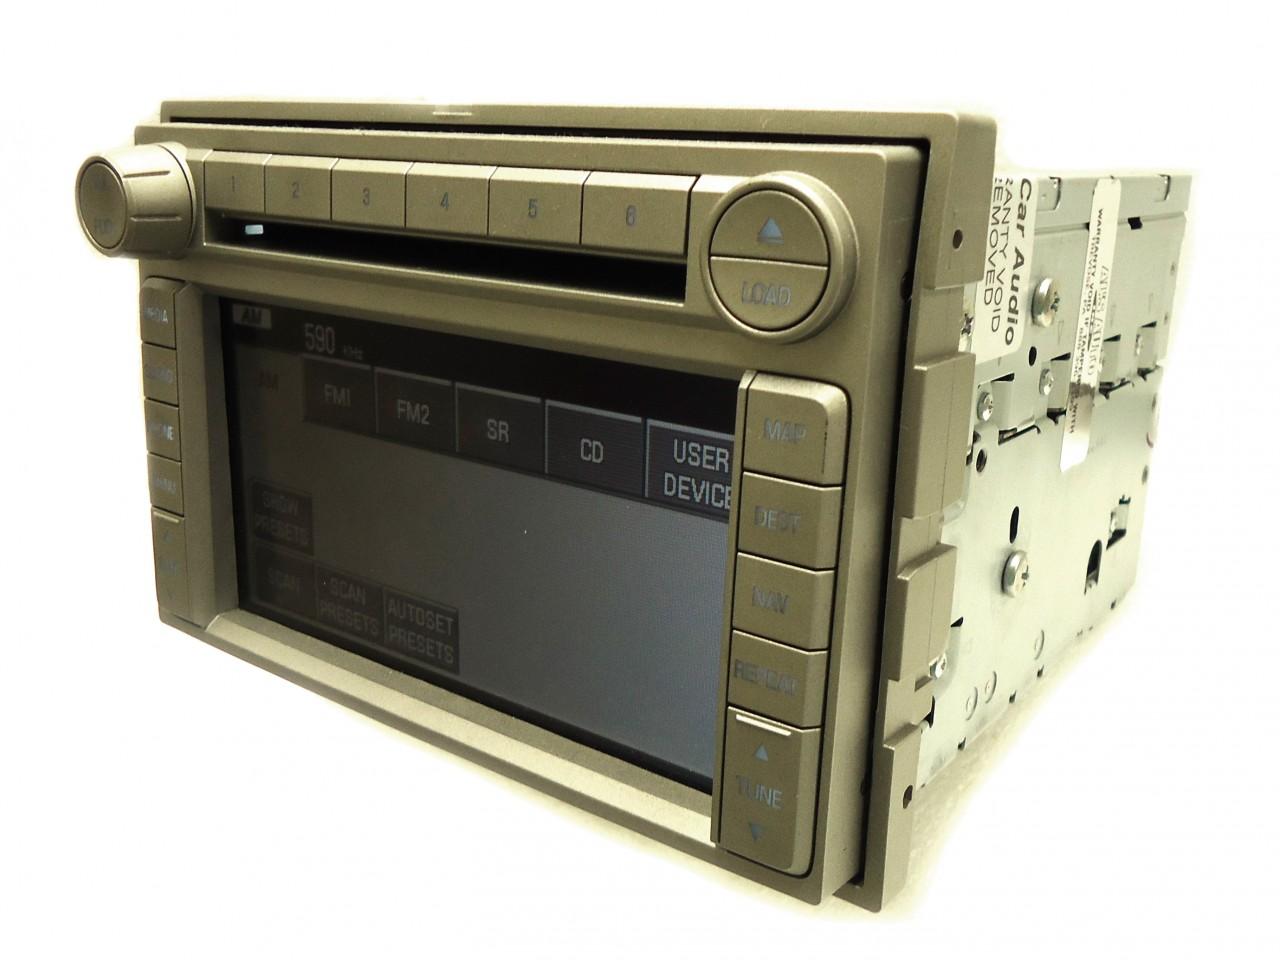 lincoln navigator mkx mkz navigation system gps radio 6 cd. Black Bedroom Furniture Sets. Home Design Ideas